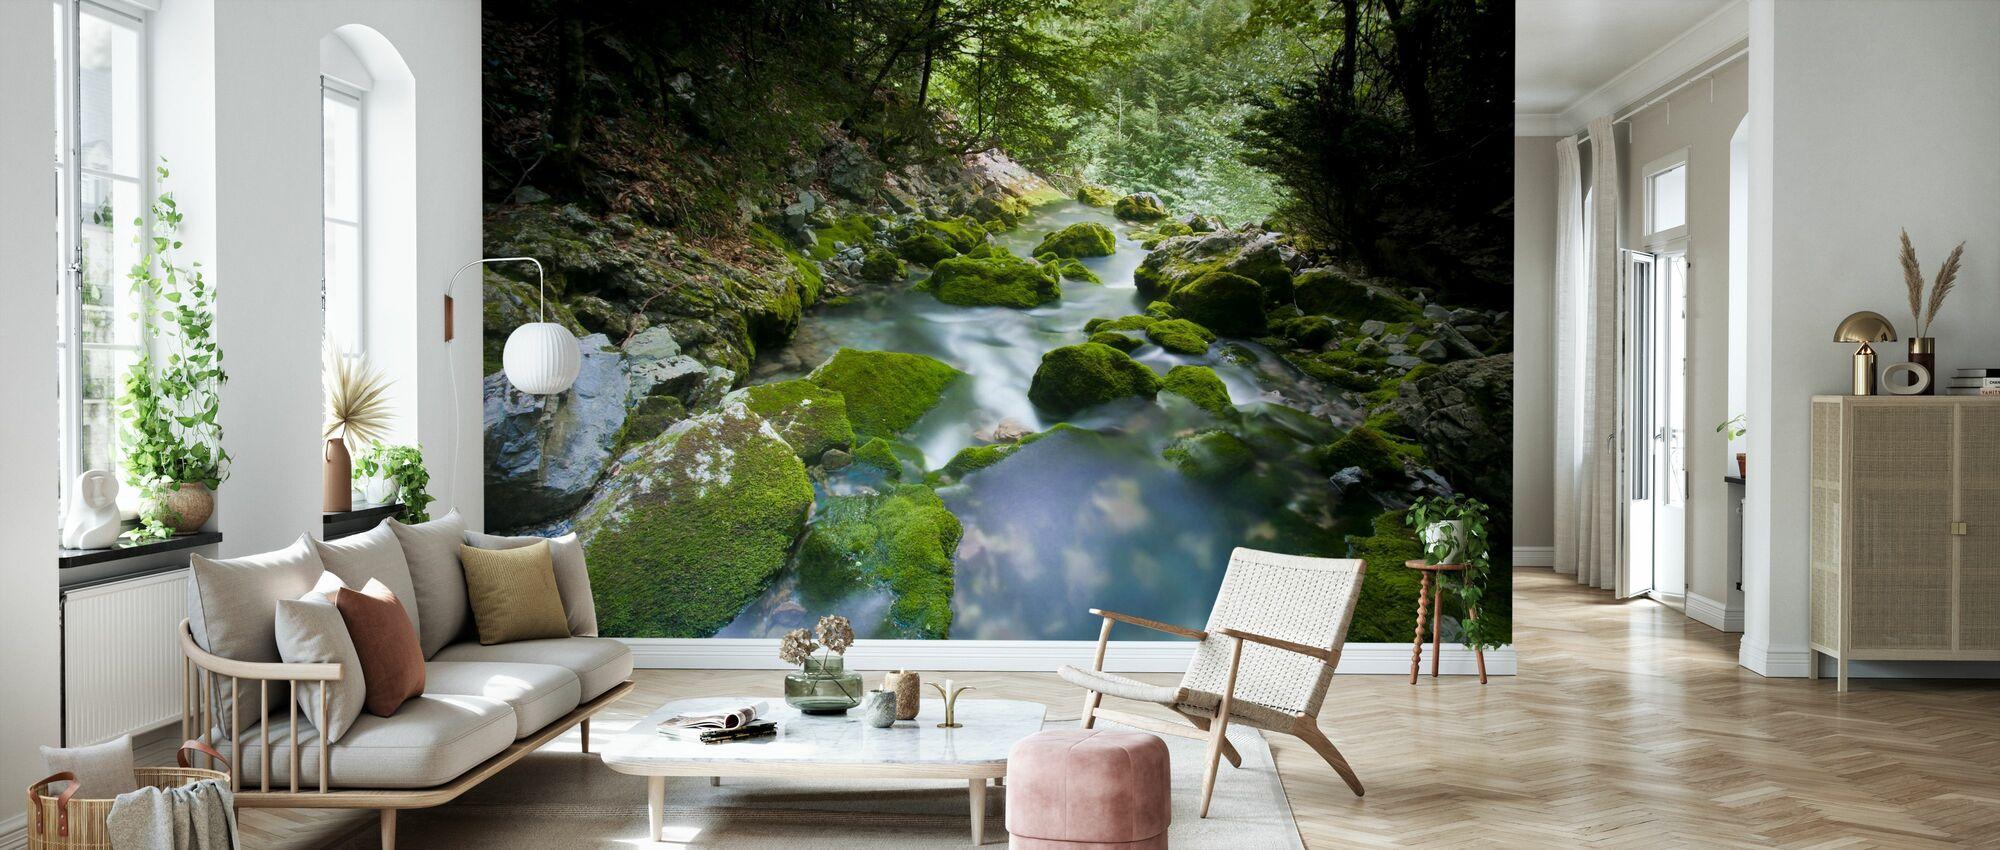 Secret Gleaming Stream - Wallpaper - Living Room